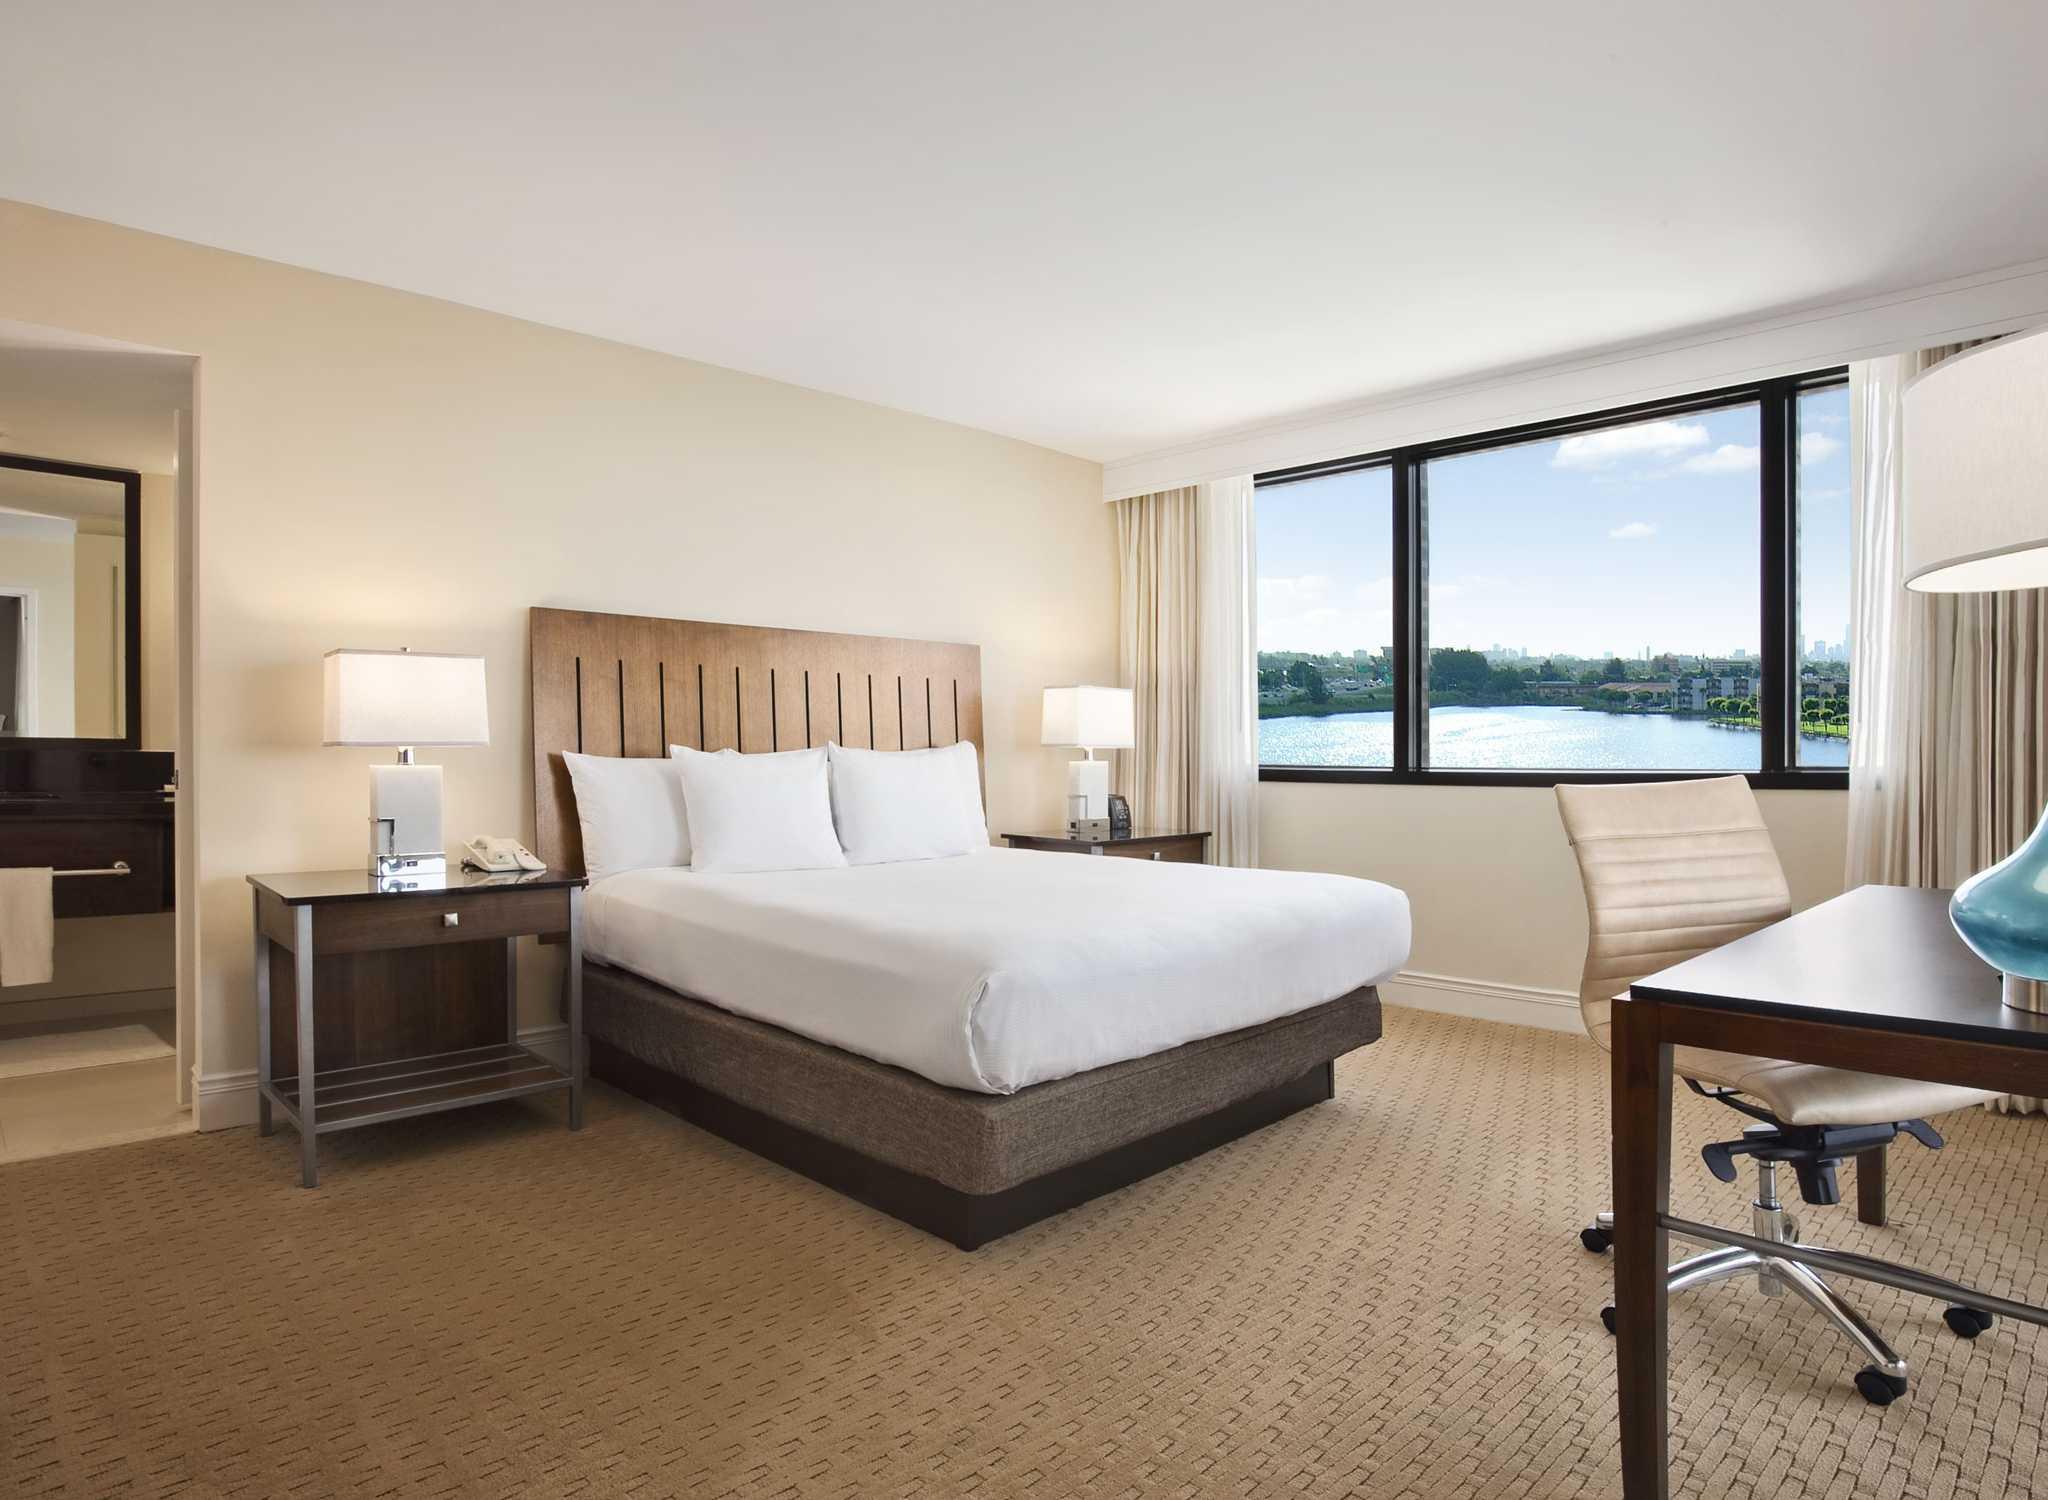 Hotel Hilton Miami Airport Blue Lagoon Florida Suite Con Balcón